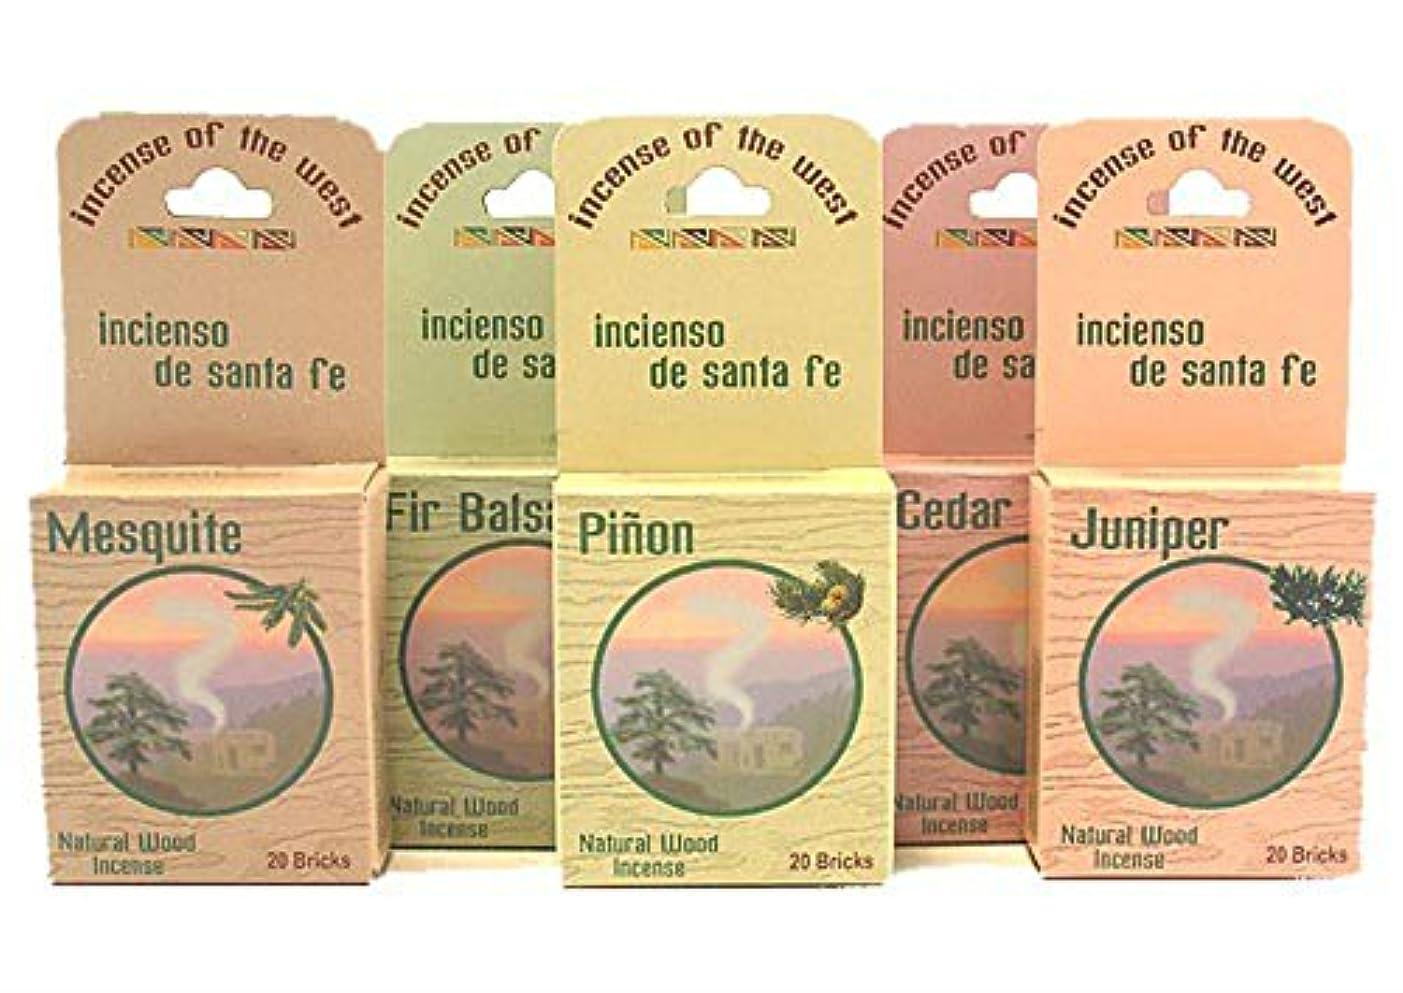 液体視力鈍いInciensio Sante Fe : Best Seller Assorted 100 Incenseレンガ